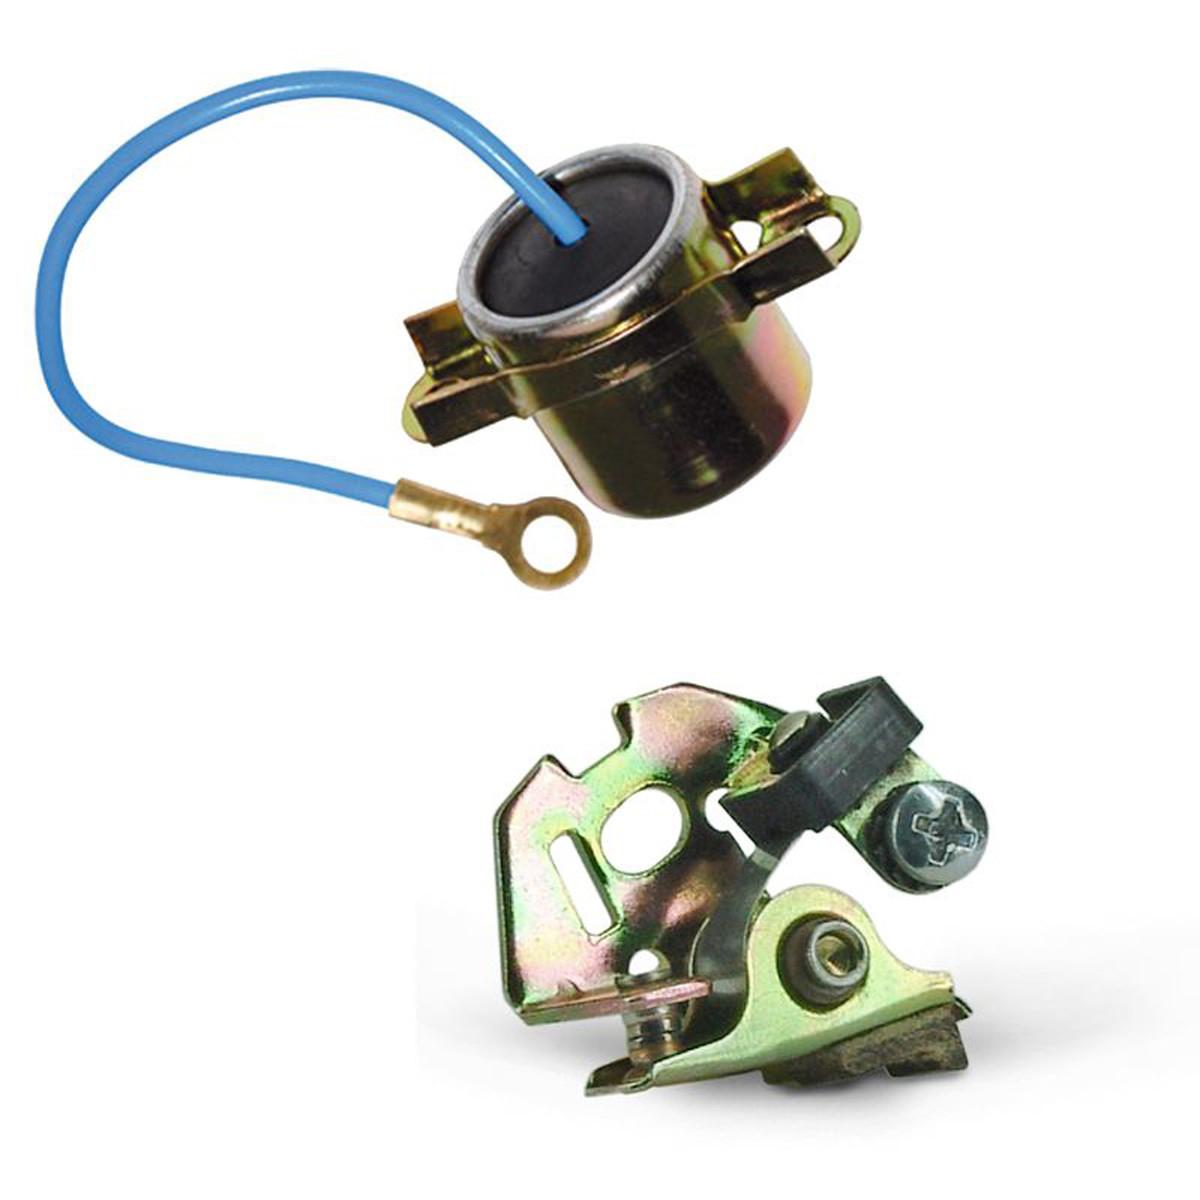 Rupteur + Condensateur Allumage Cyclo MBK, MOTOBECANE, MOTOCONFORT